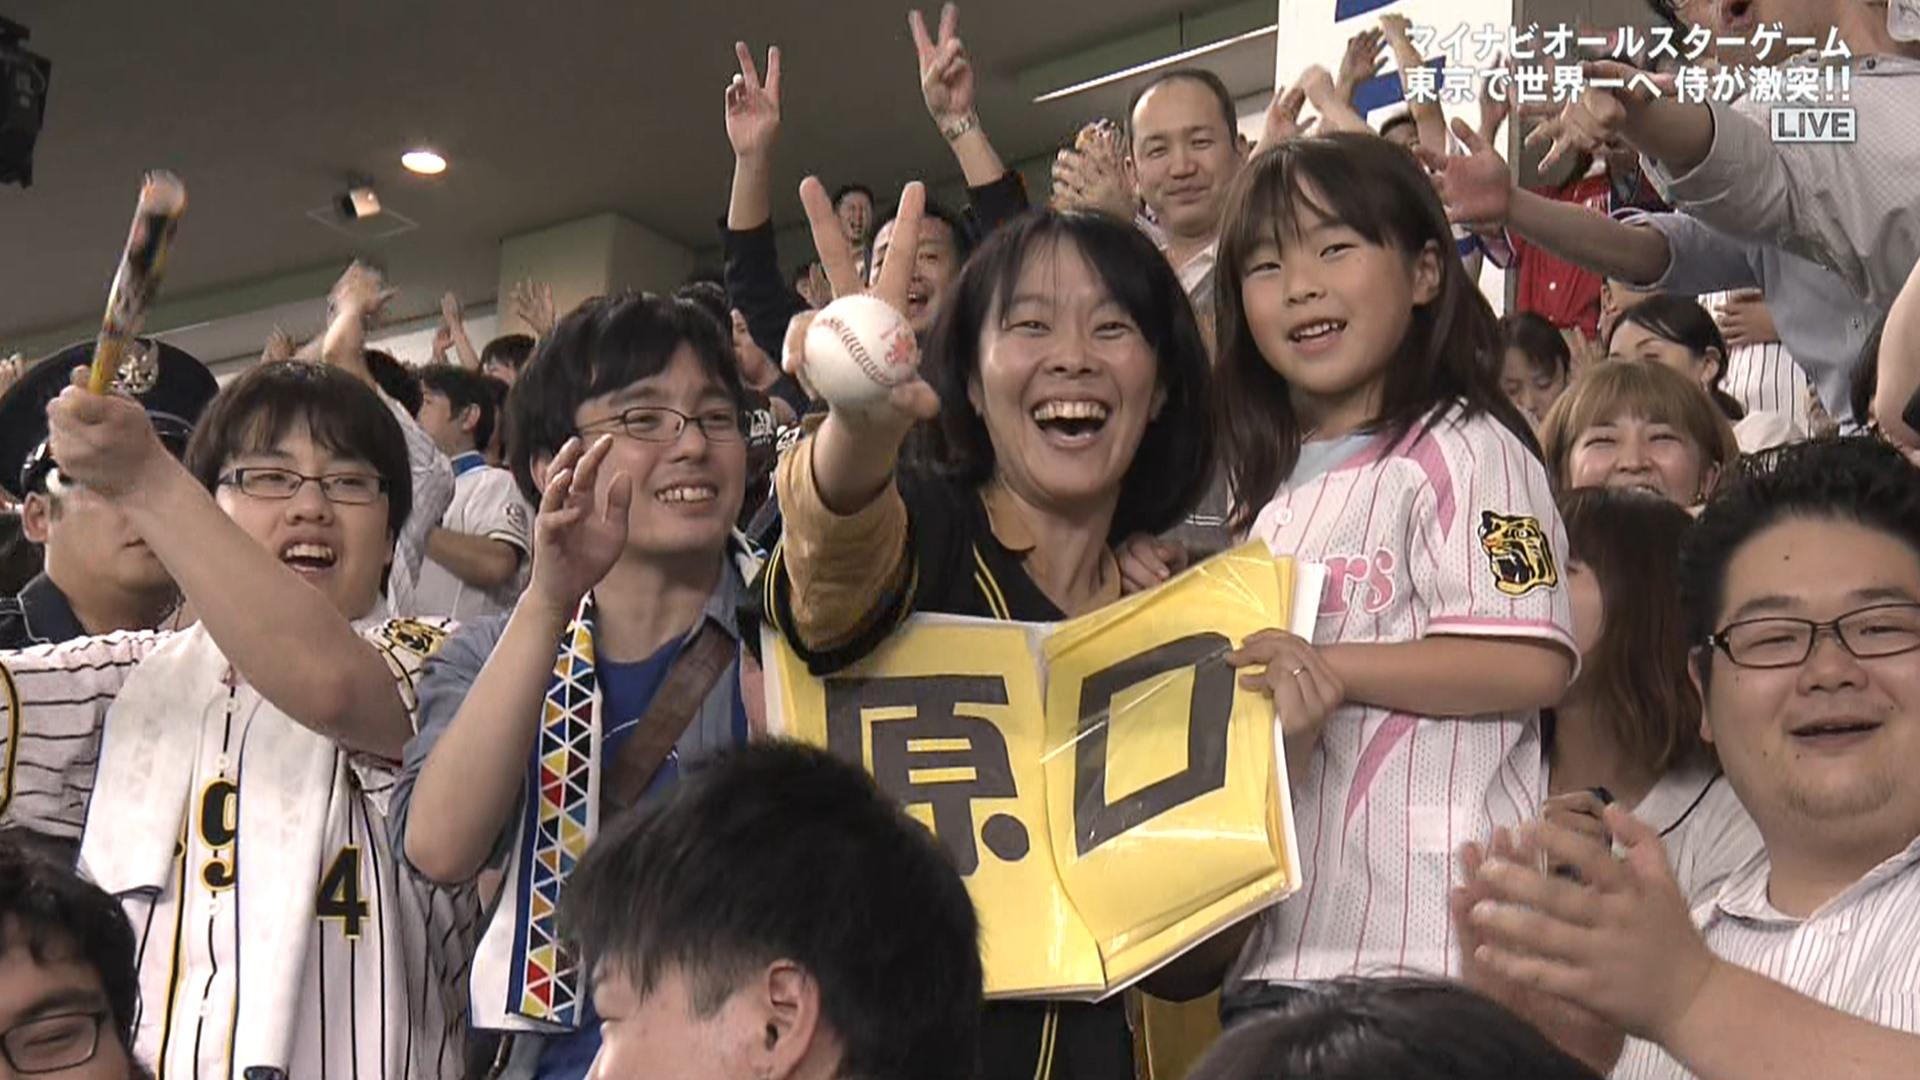 【オールスター】 プラスワン選出の阪神・原口がホームラン! ボードを掲げた女性ファンがボールをゲット